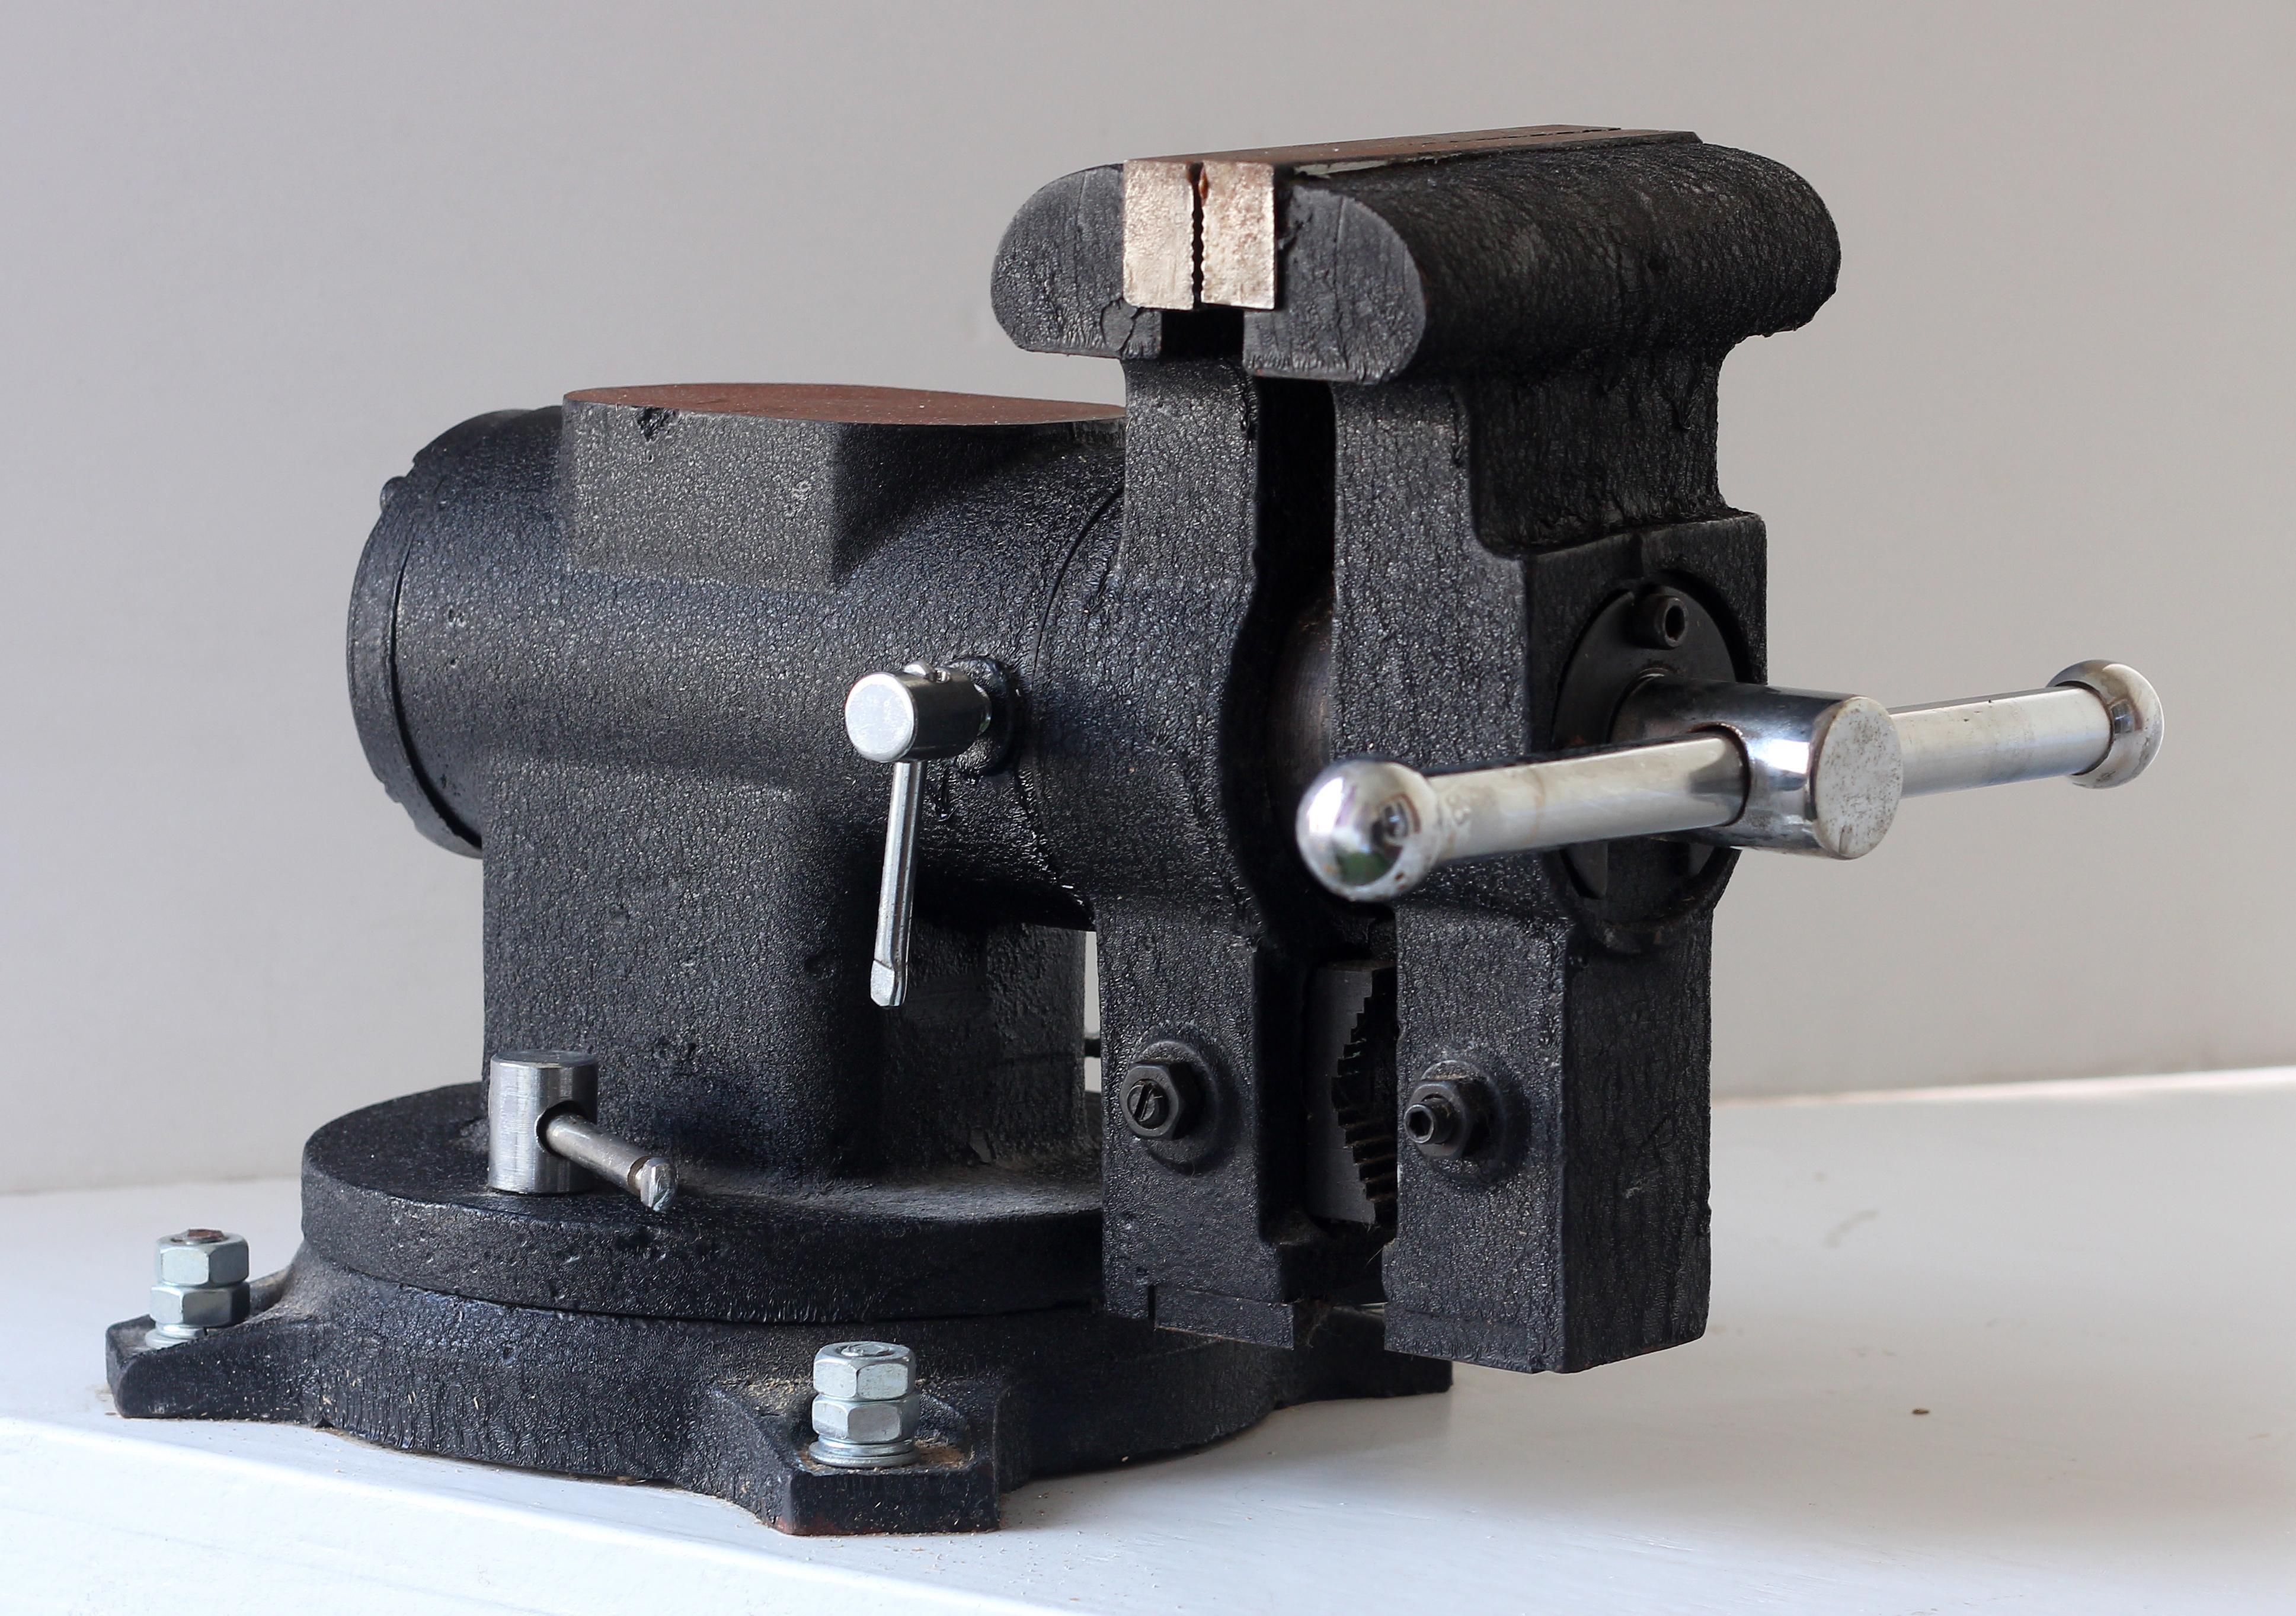 Macchina Per Lavorare Il Legno E I Metalli : Morsa meccanica wikipedia